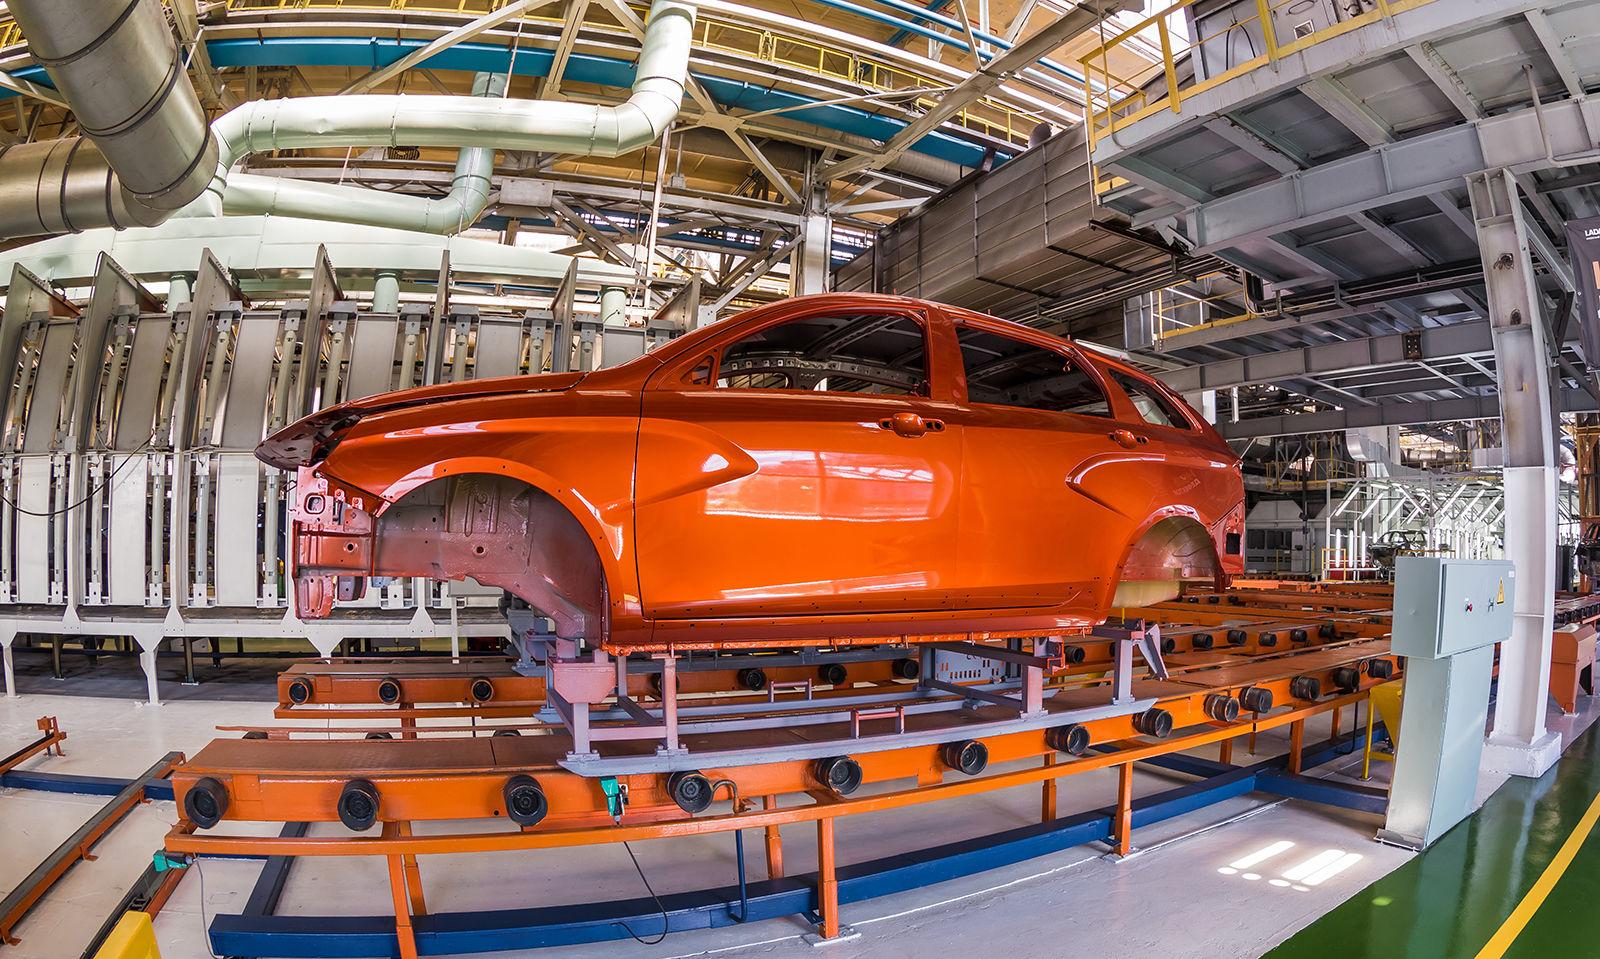 Работники АвтоВАЗа получат разовую выплату в размере 7 тысяч рублей